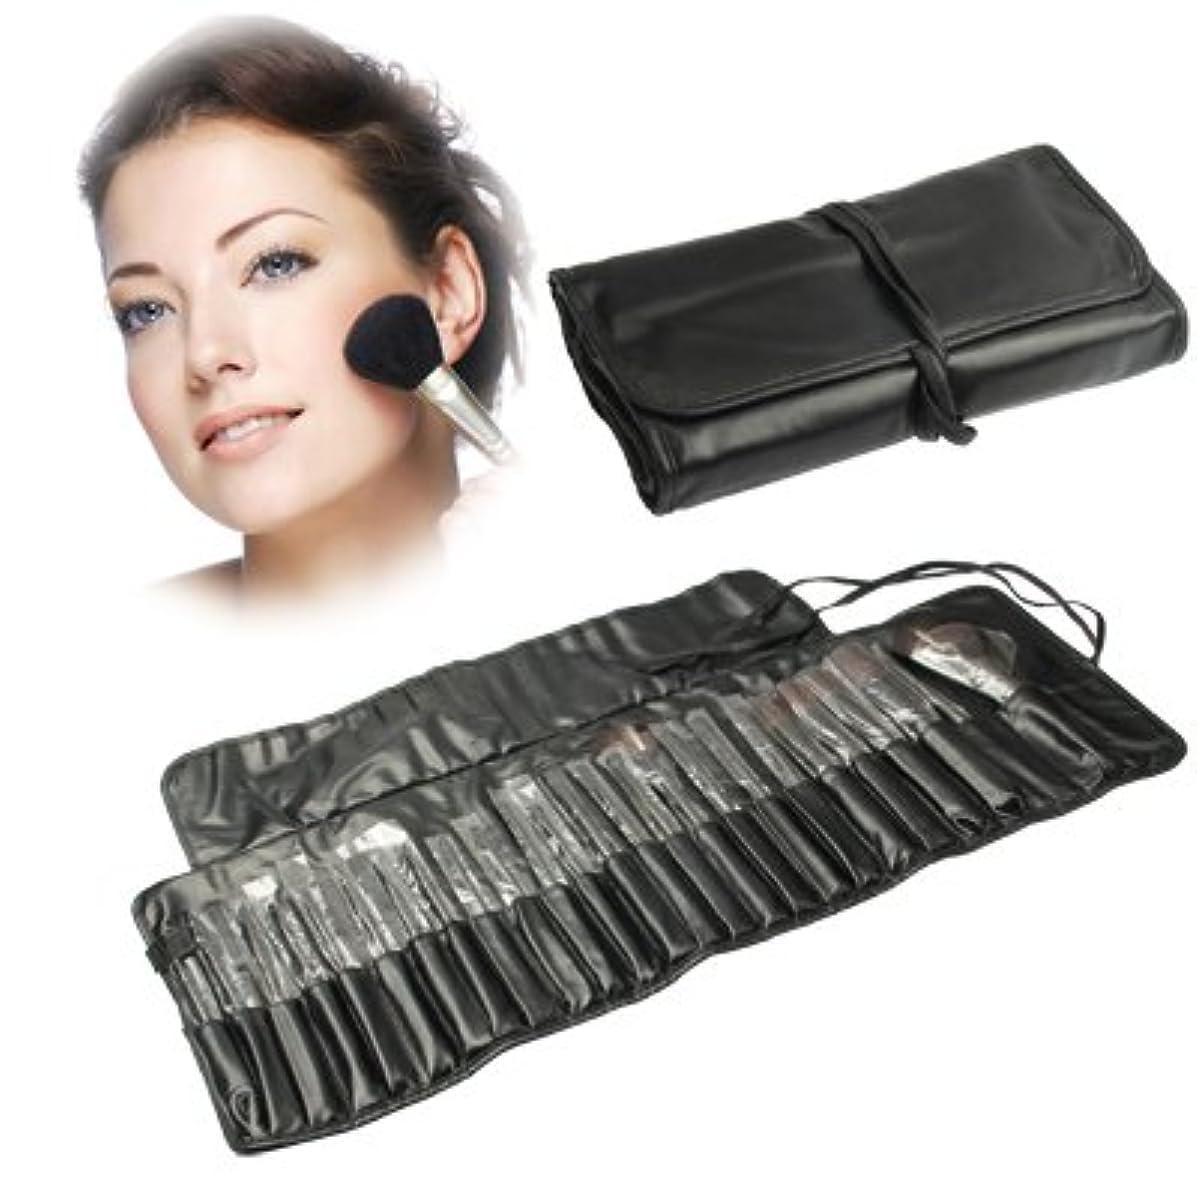 広範囲そこ膨張するMEI1JIA QUELLIAプロフェッショナル25pcsメイクブラシセット美容キット化粧品+ PUレザーキャリングケース(ブラック)